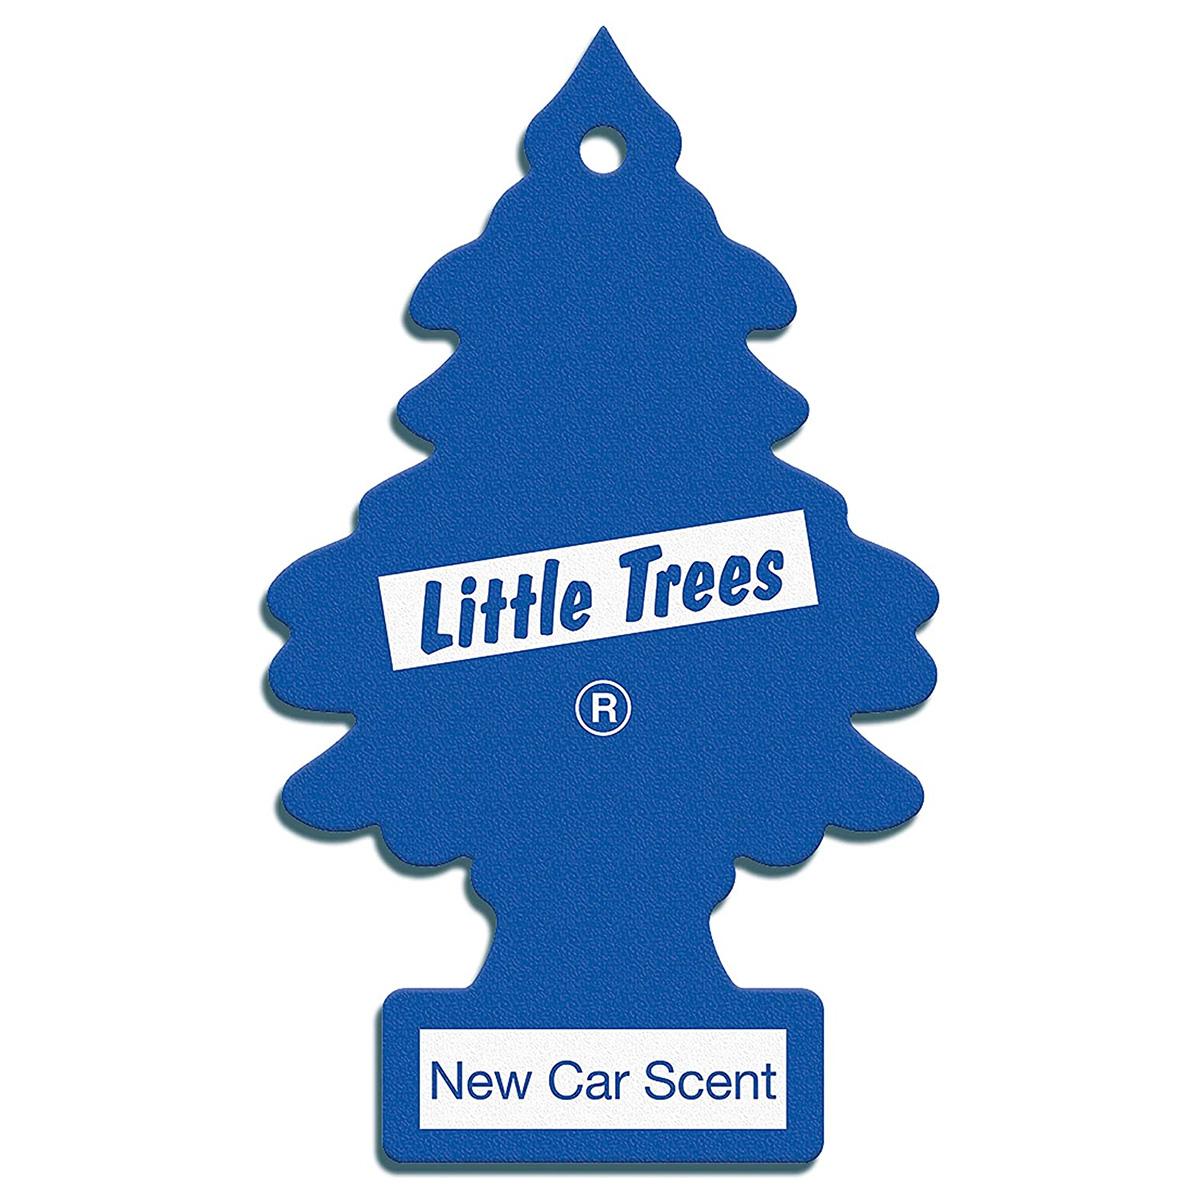 Little Trees - Aromatizante Cheirinho Carro - Kit com 3 Unidades